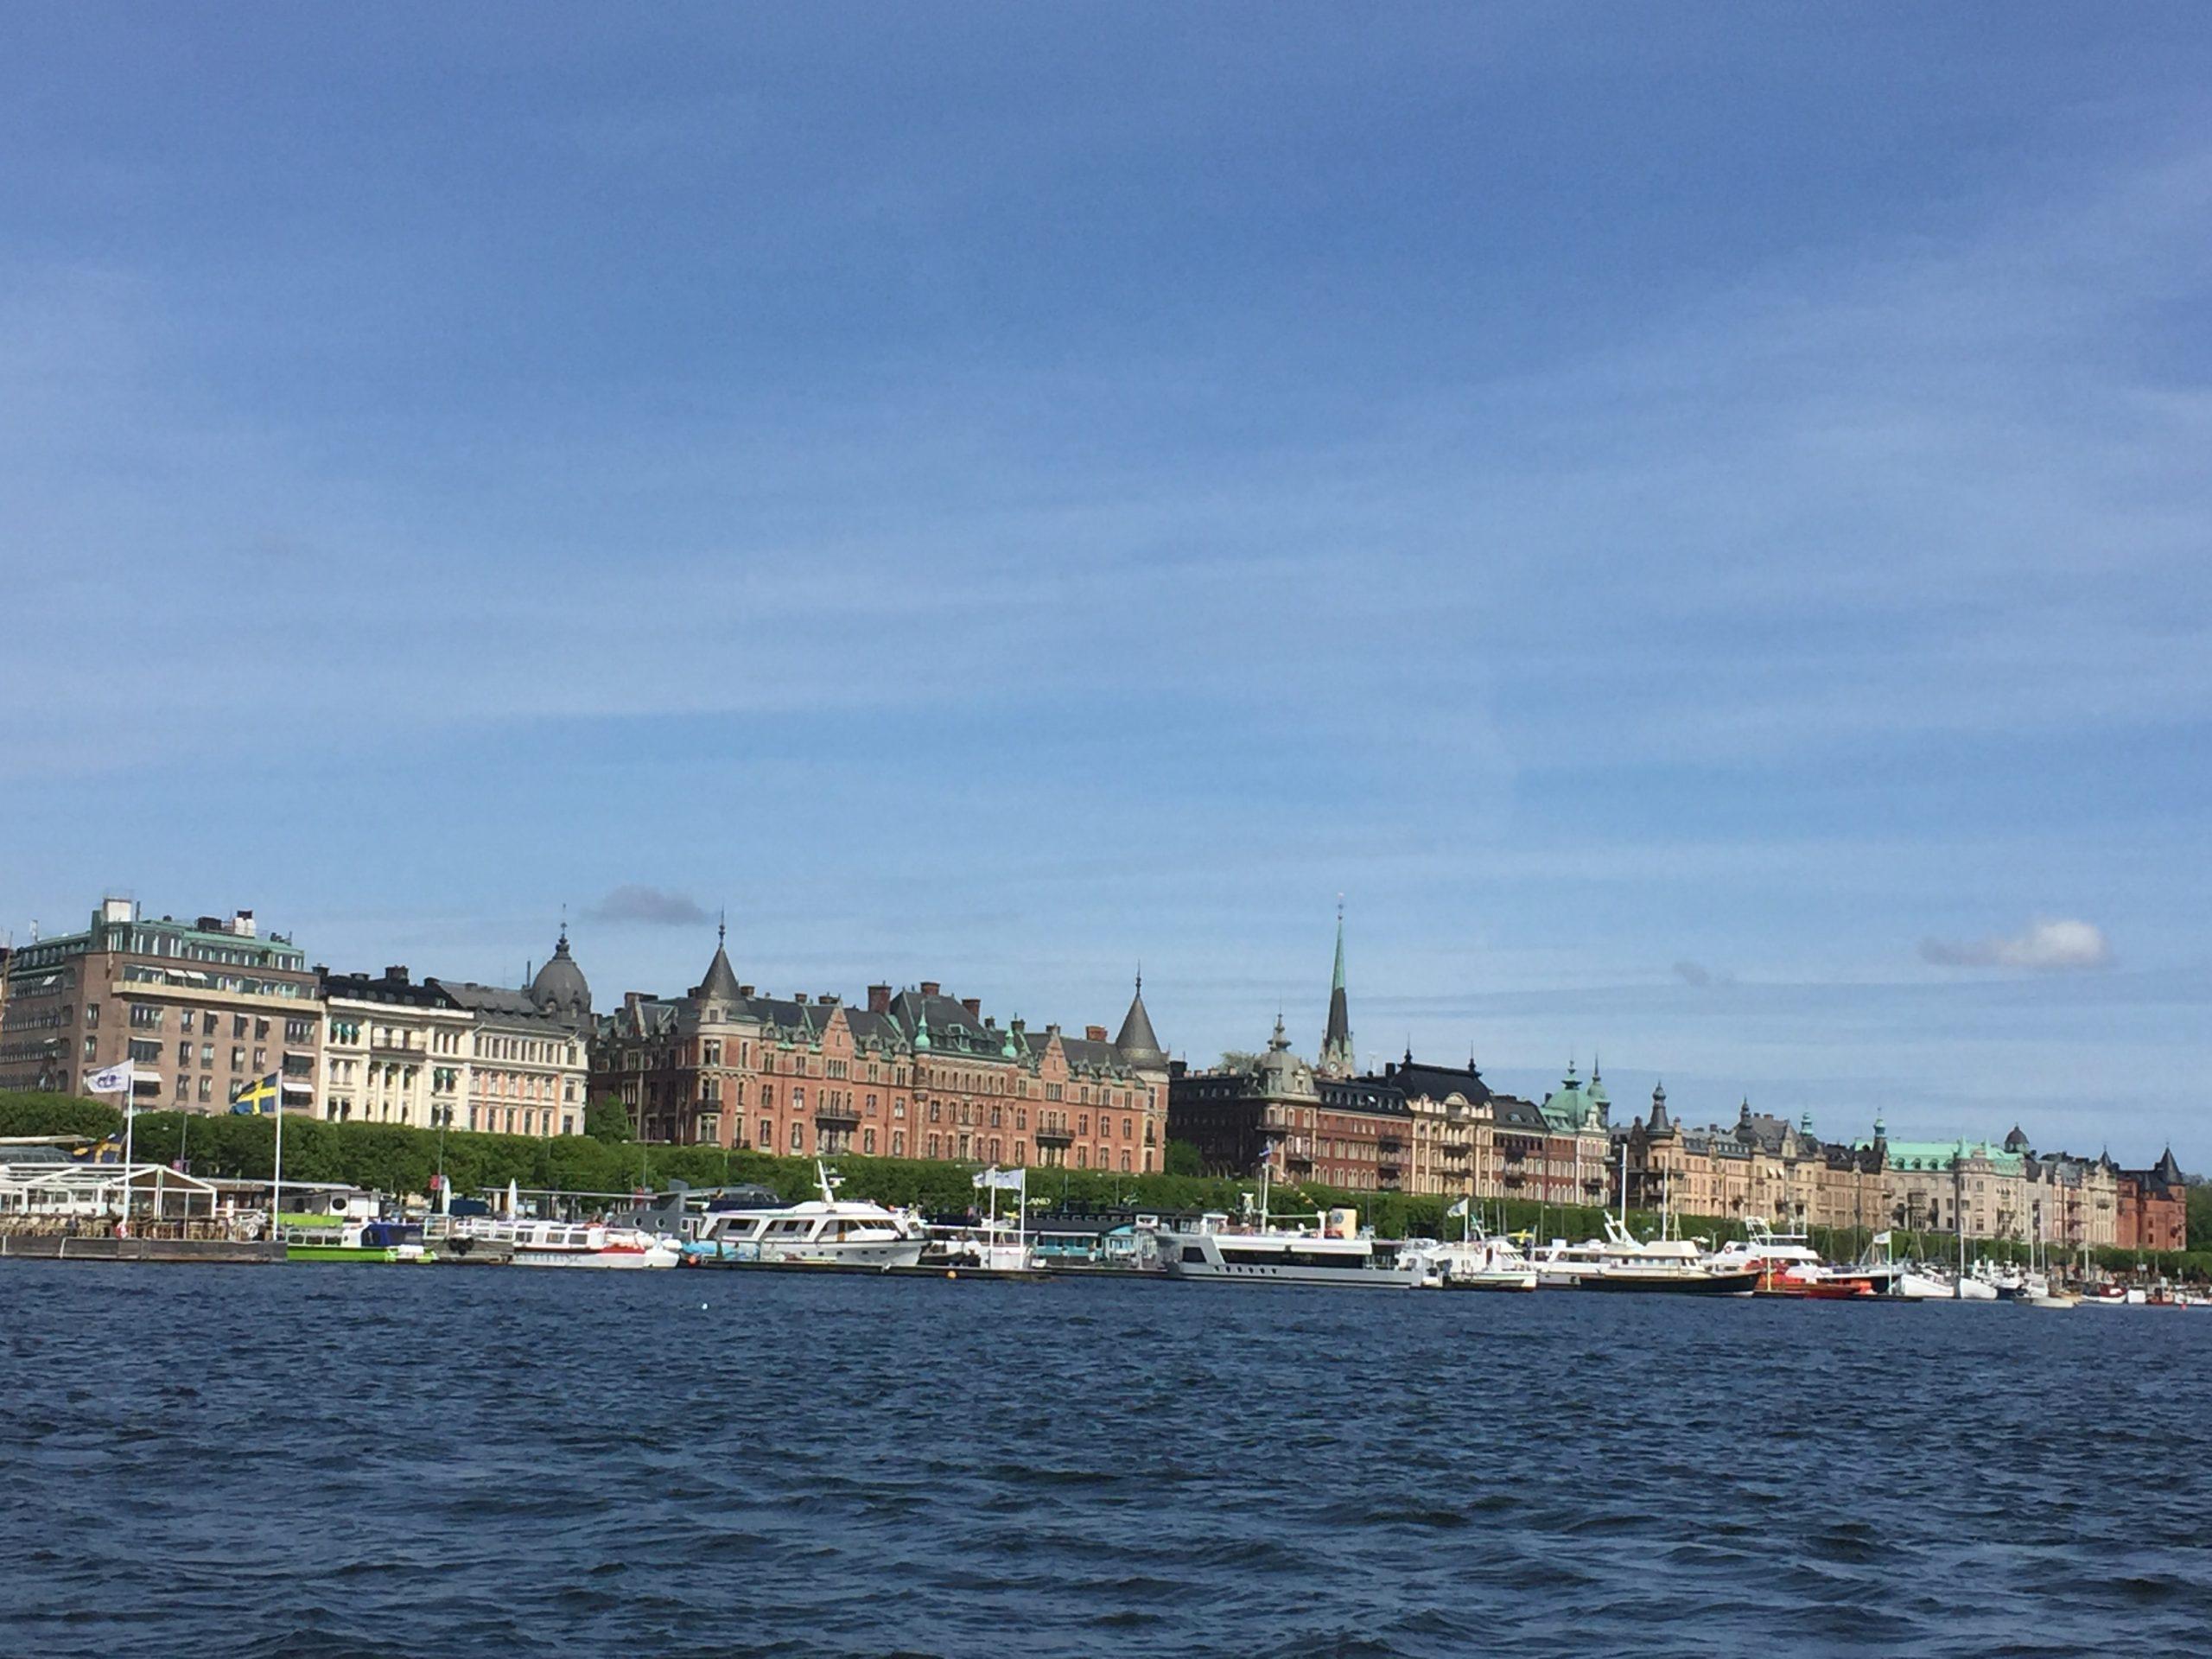 Marina in Stockholm